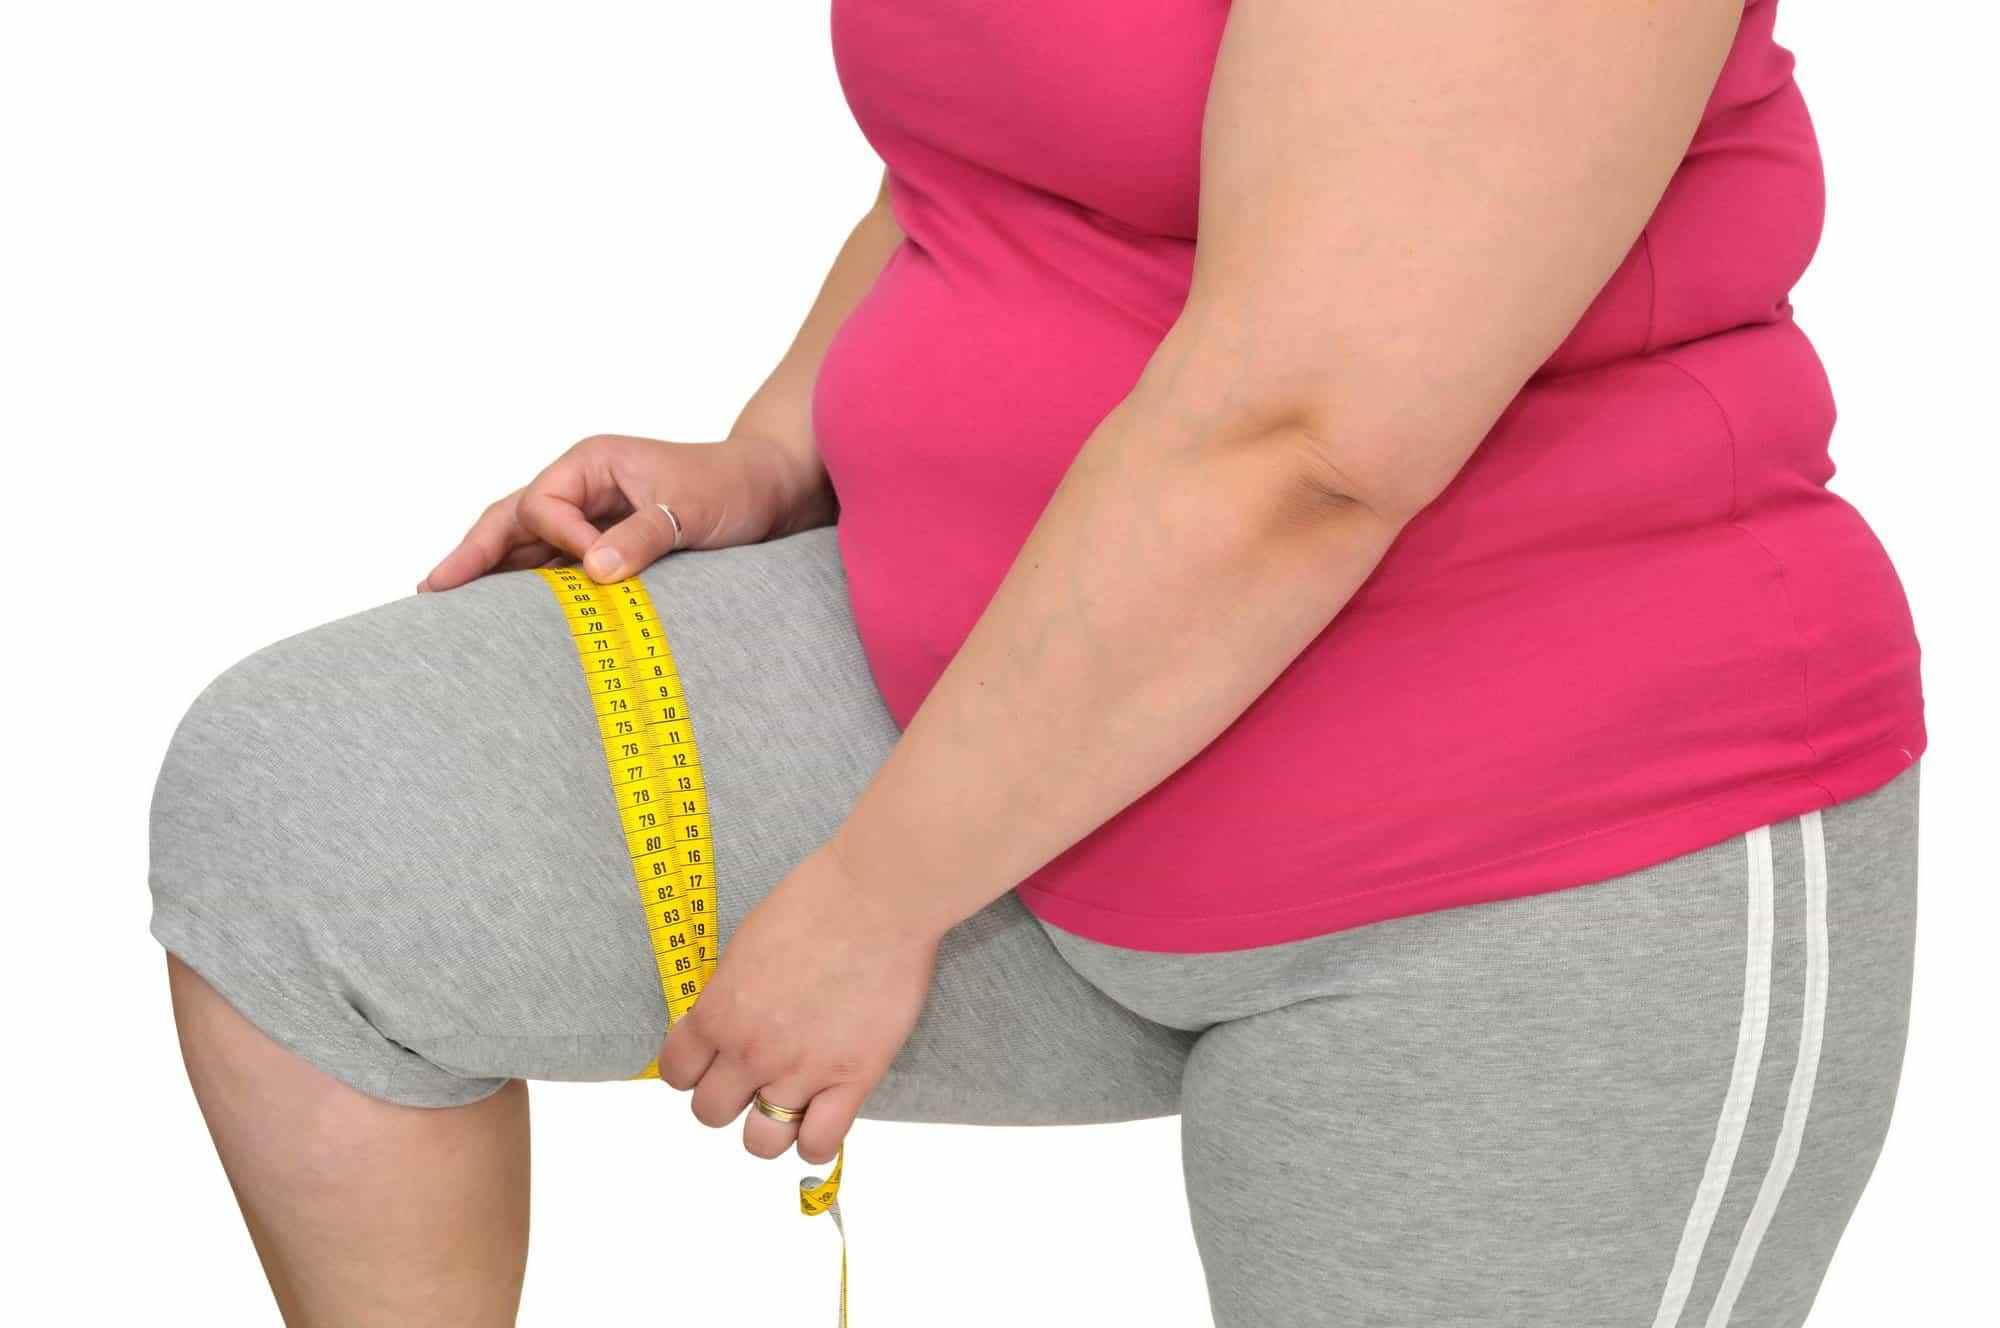 Ожирение Видео Похудение. Программа «Жить здорово» от heavenmoscow.com: Сбрось лишнее! Типы ожирения